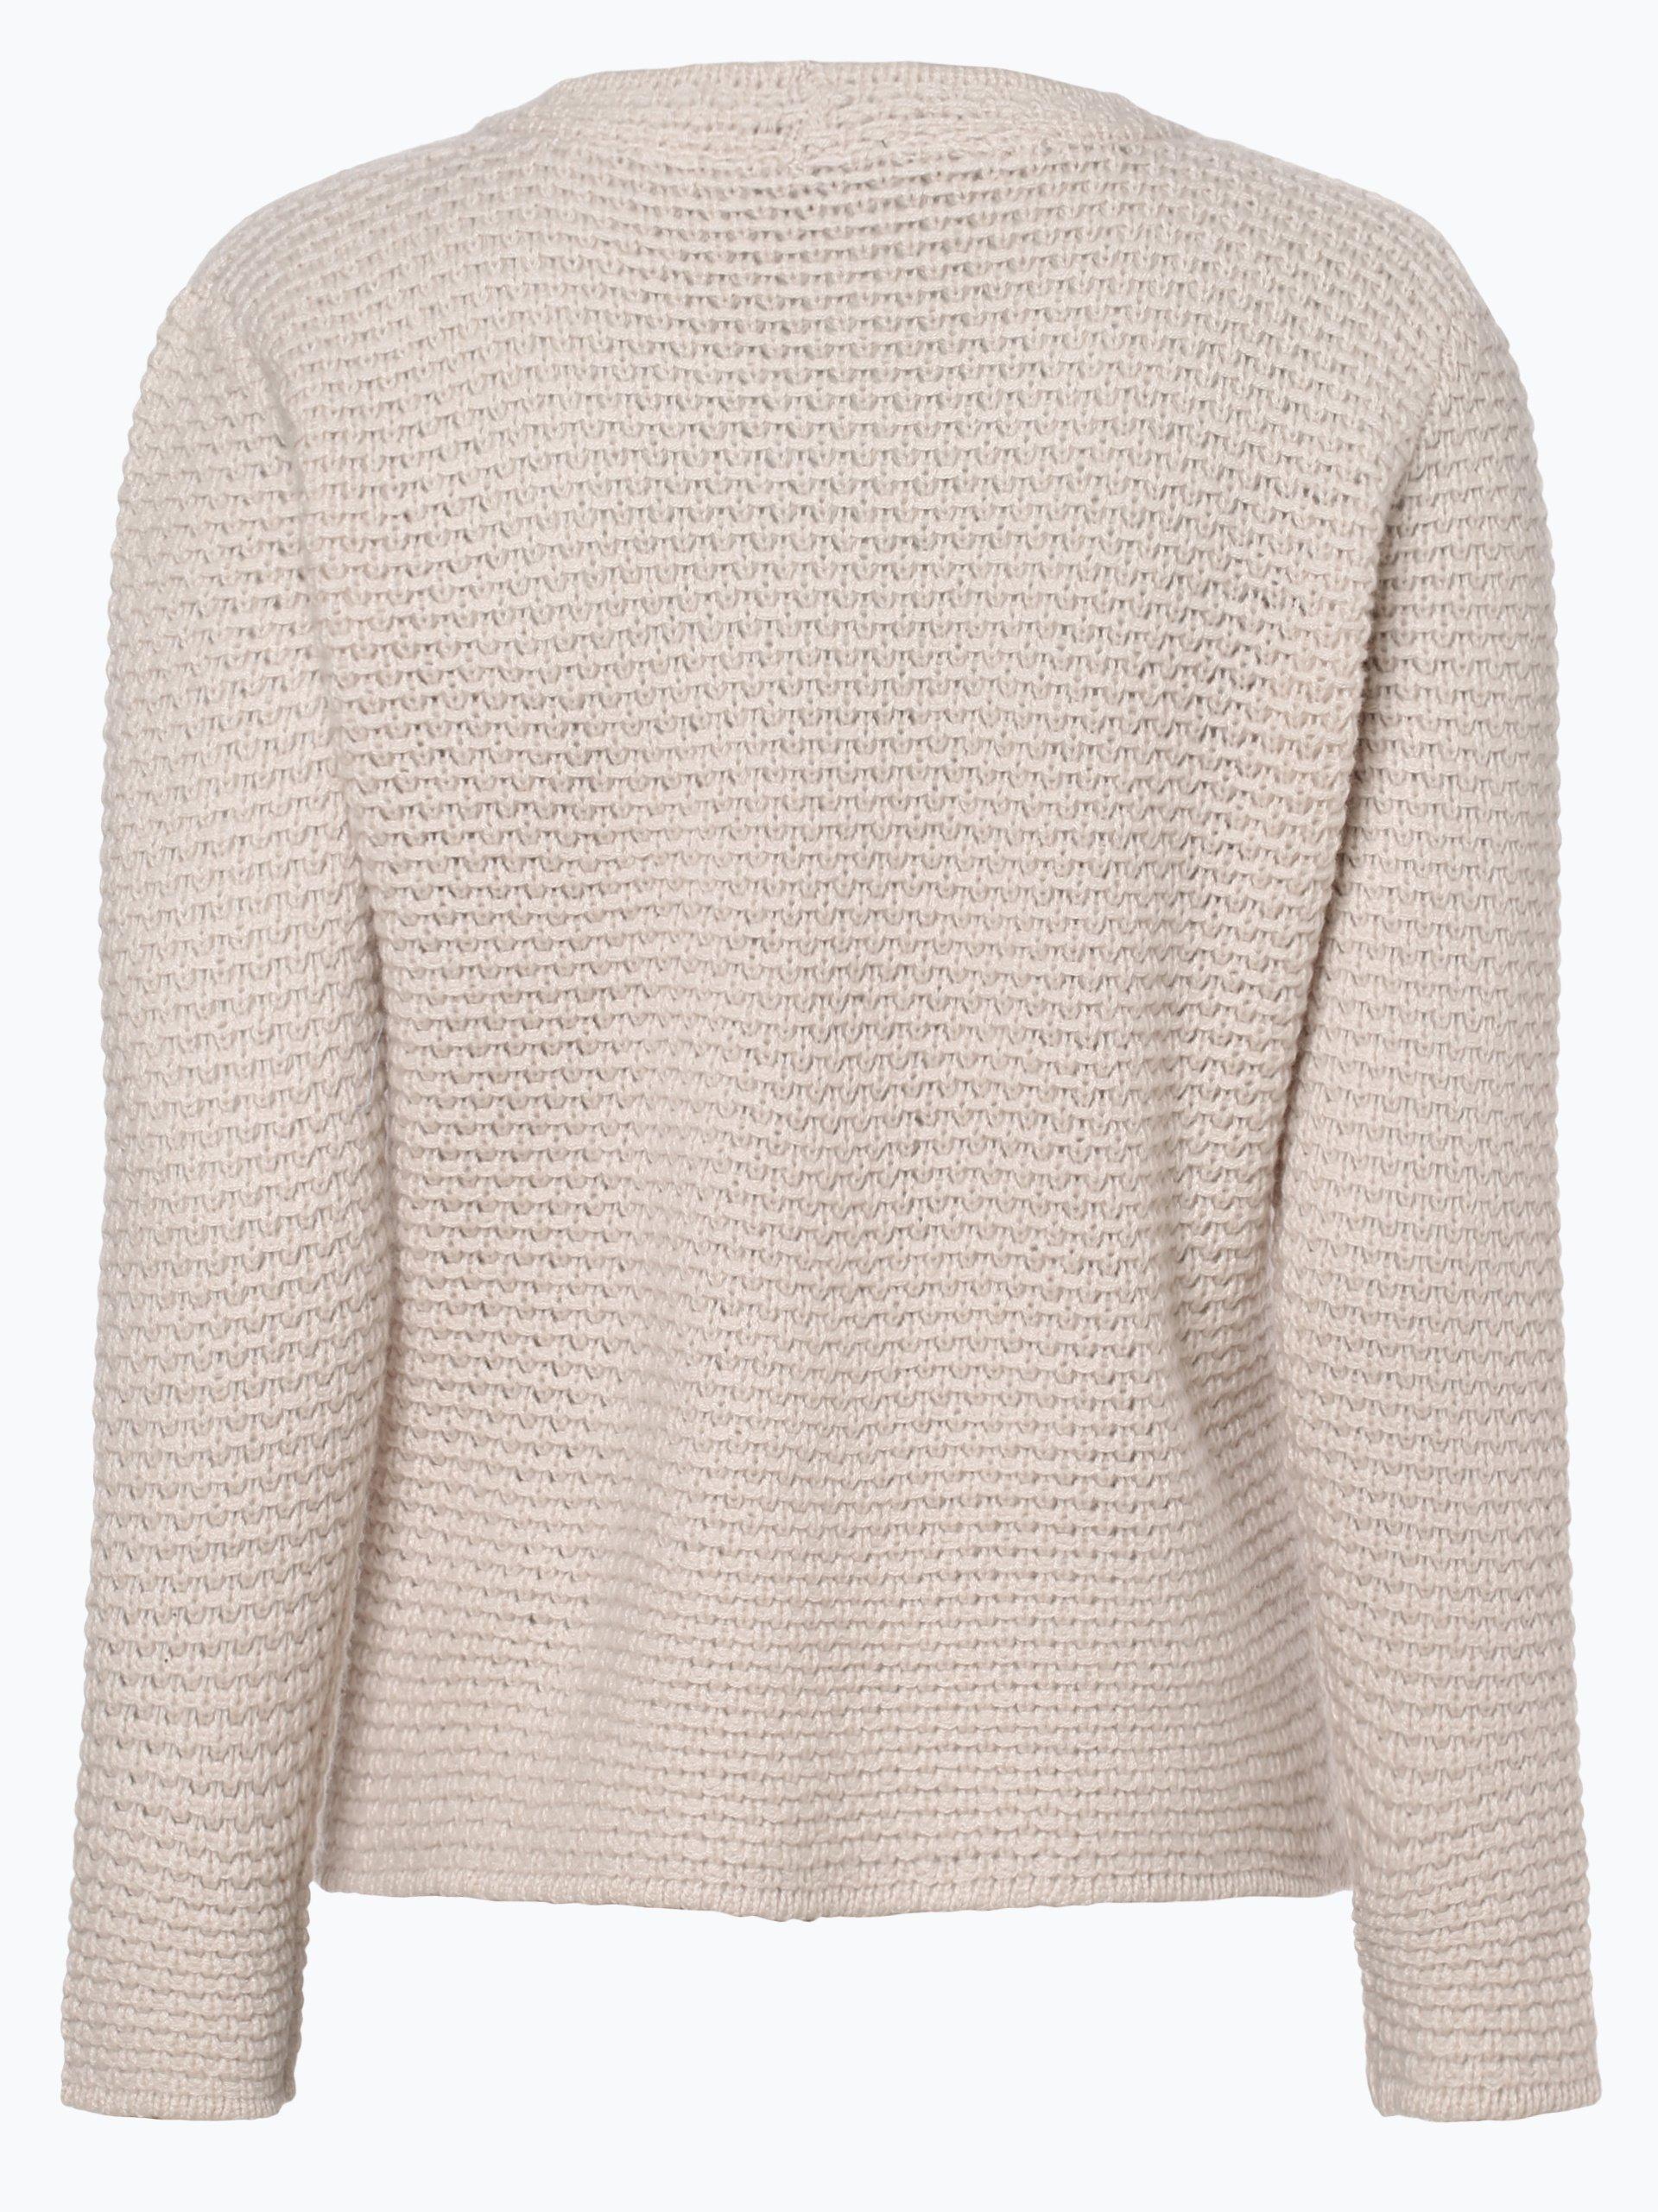 SvB Exquisit Damen Pure Cashmere Pullover